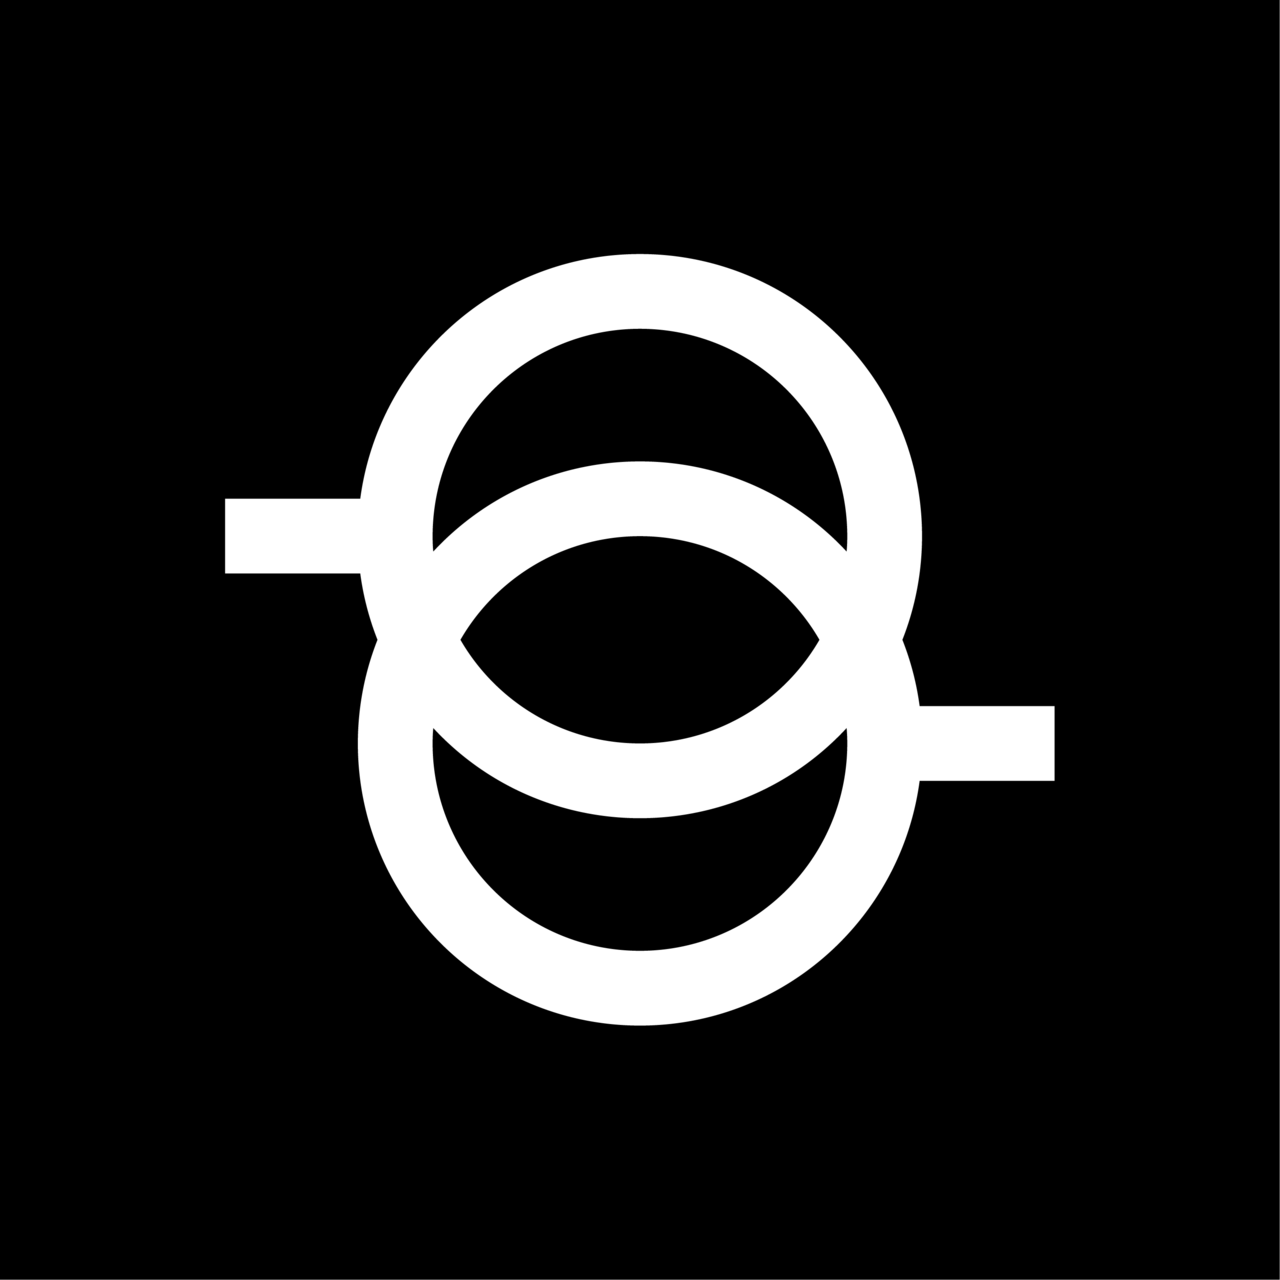 Illy Caffe Designer Dante Bighi Firm N A Year 1959 Unity Logo Cloud Drawing Logo Design